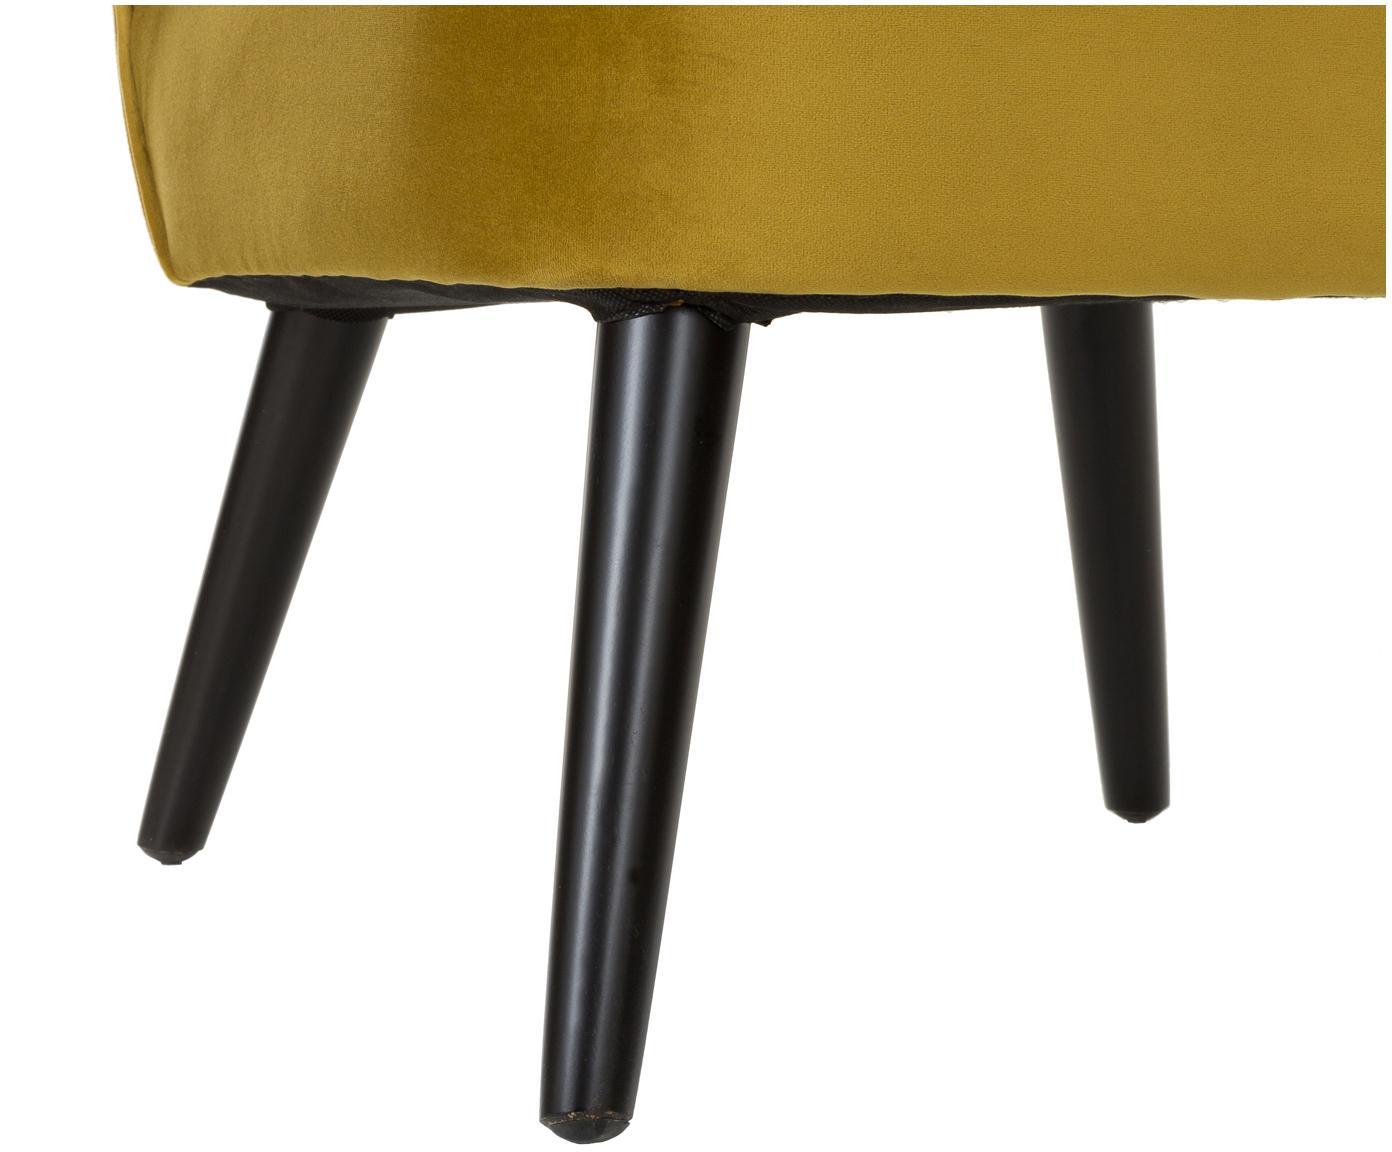 Aksamitne krzesło Robine, Tapicerka: aksamit (poliester) Tkani, Nogi: drewno sosnowe, lakierowa, Oliwkowy żółty, S 63 x G 73 cm